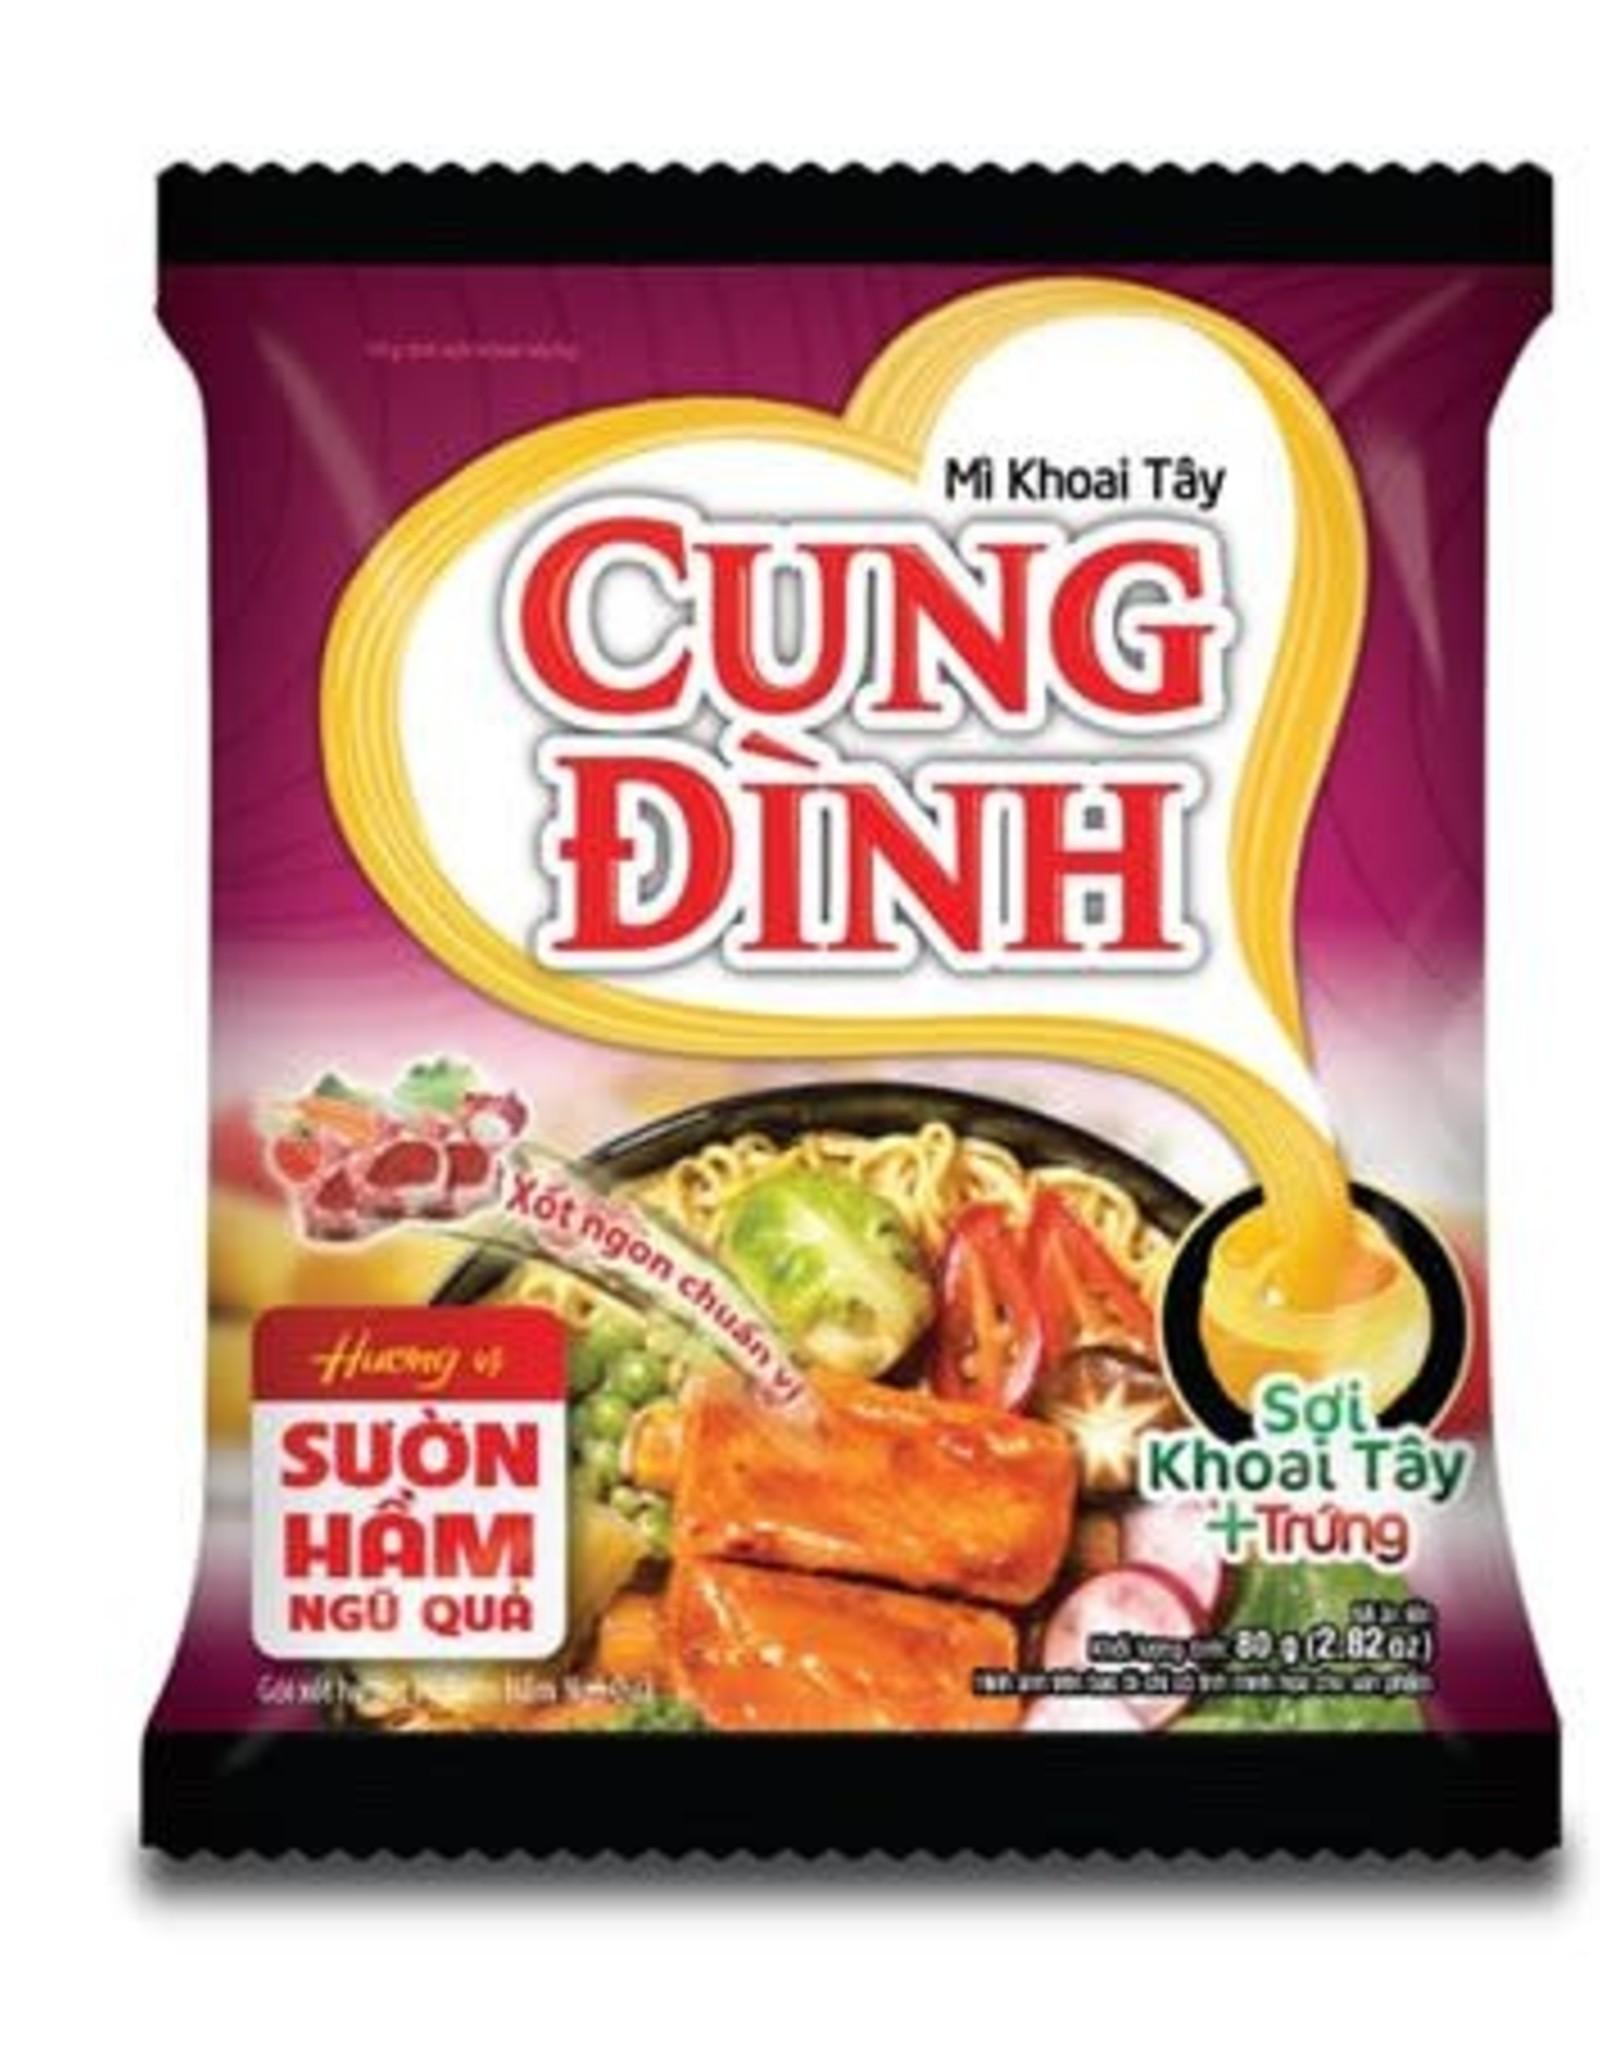 Cung Dinh Inst. Noedels - Gestoofde Sparerib 5 Fruits 80g